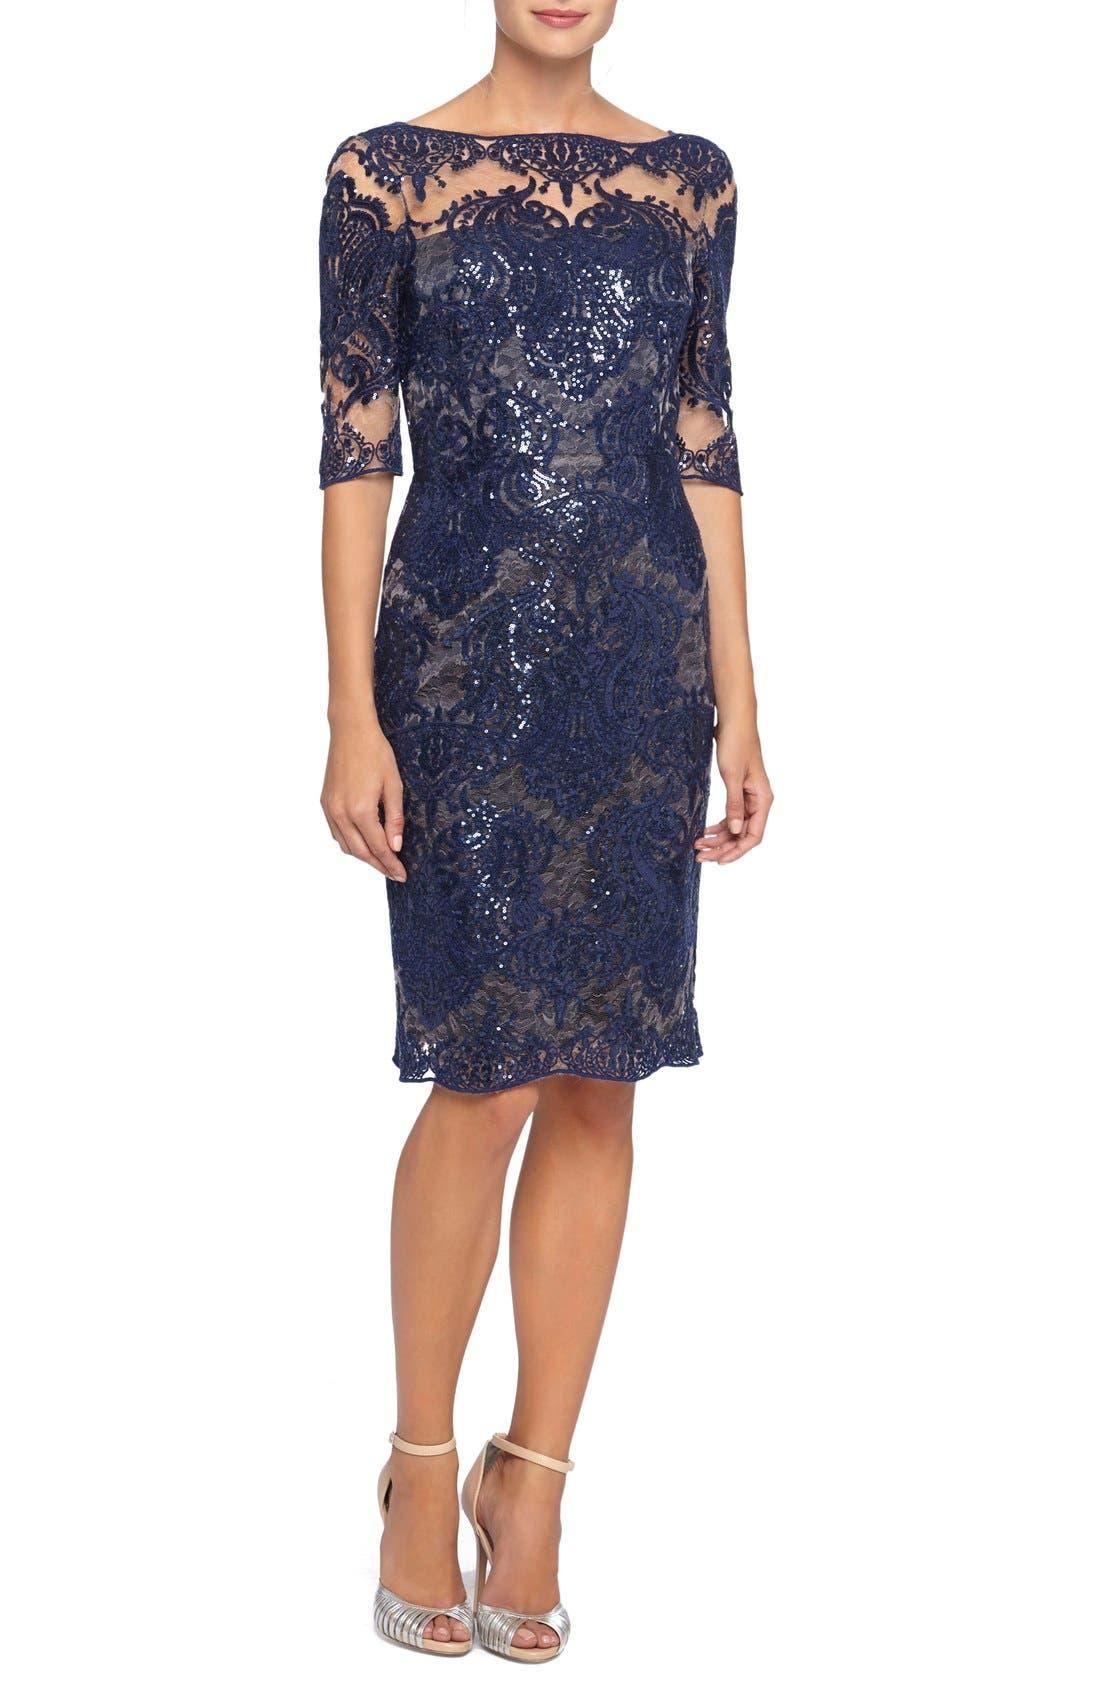 Sequin Lace Sheath Dress, Main, color, 412